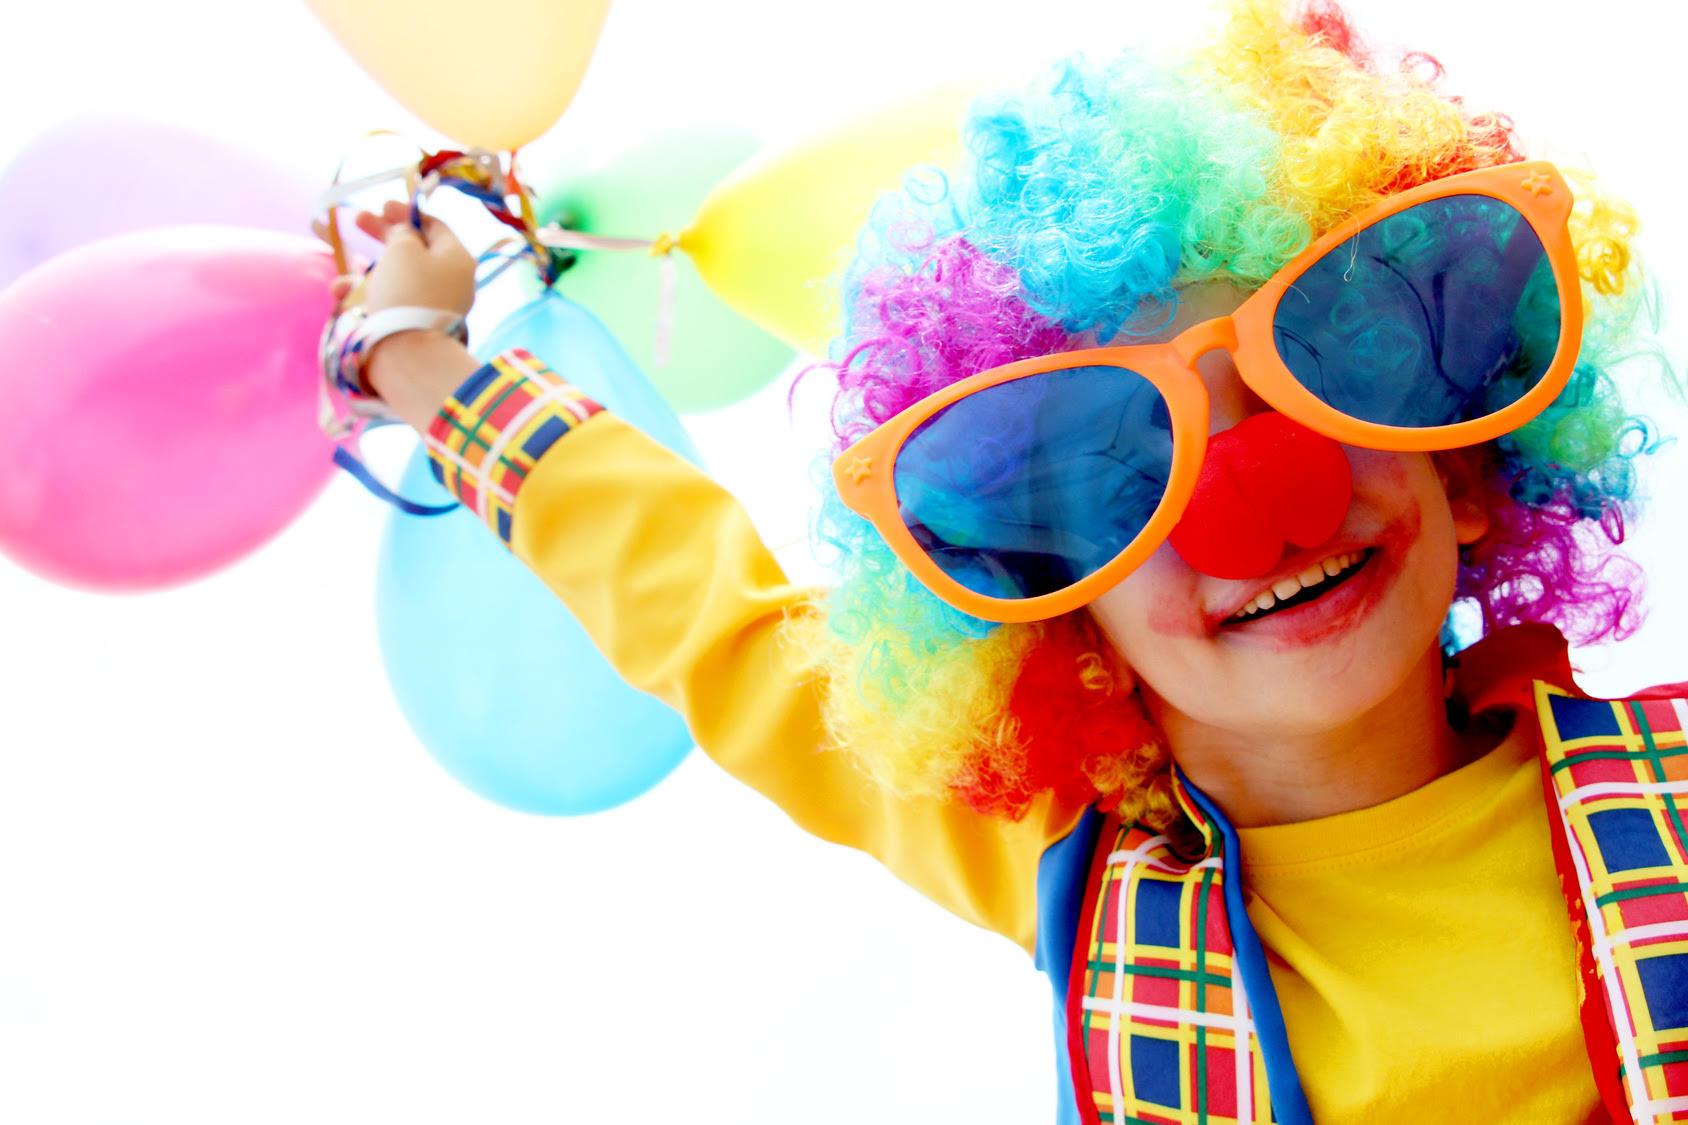 Impreza w domu – jak zorganizować czas dla najmłodszych gości?